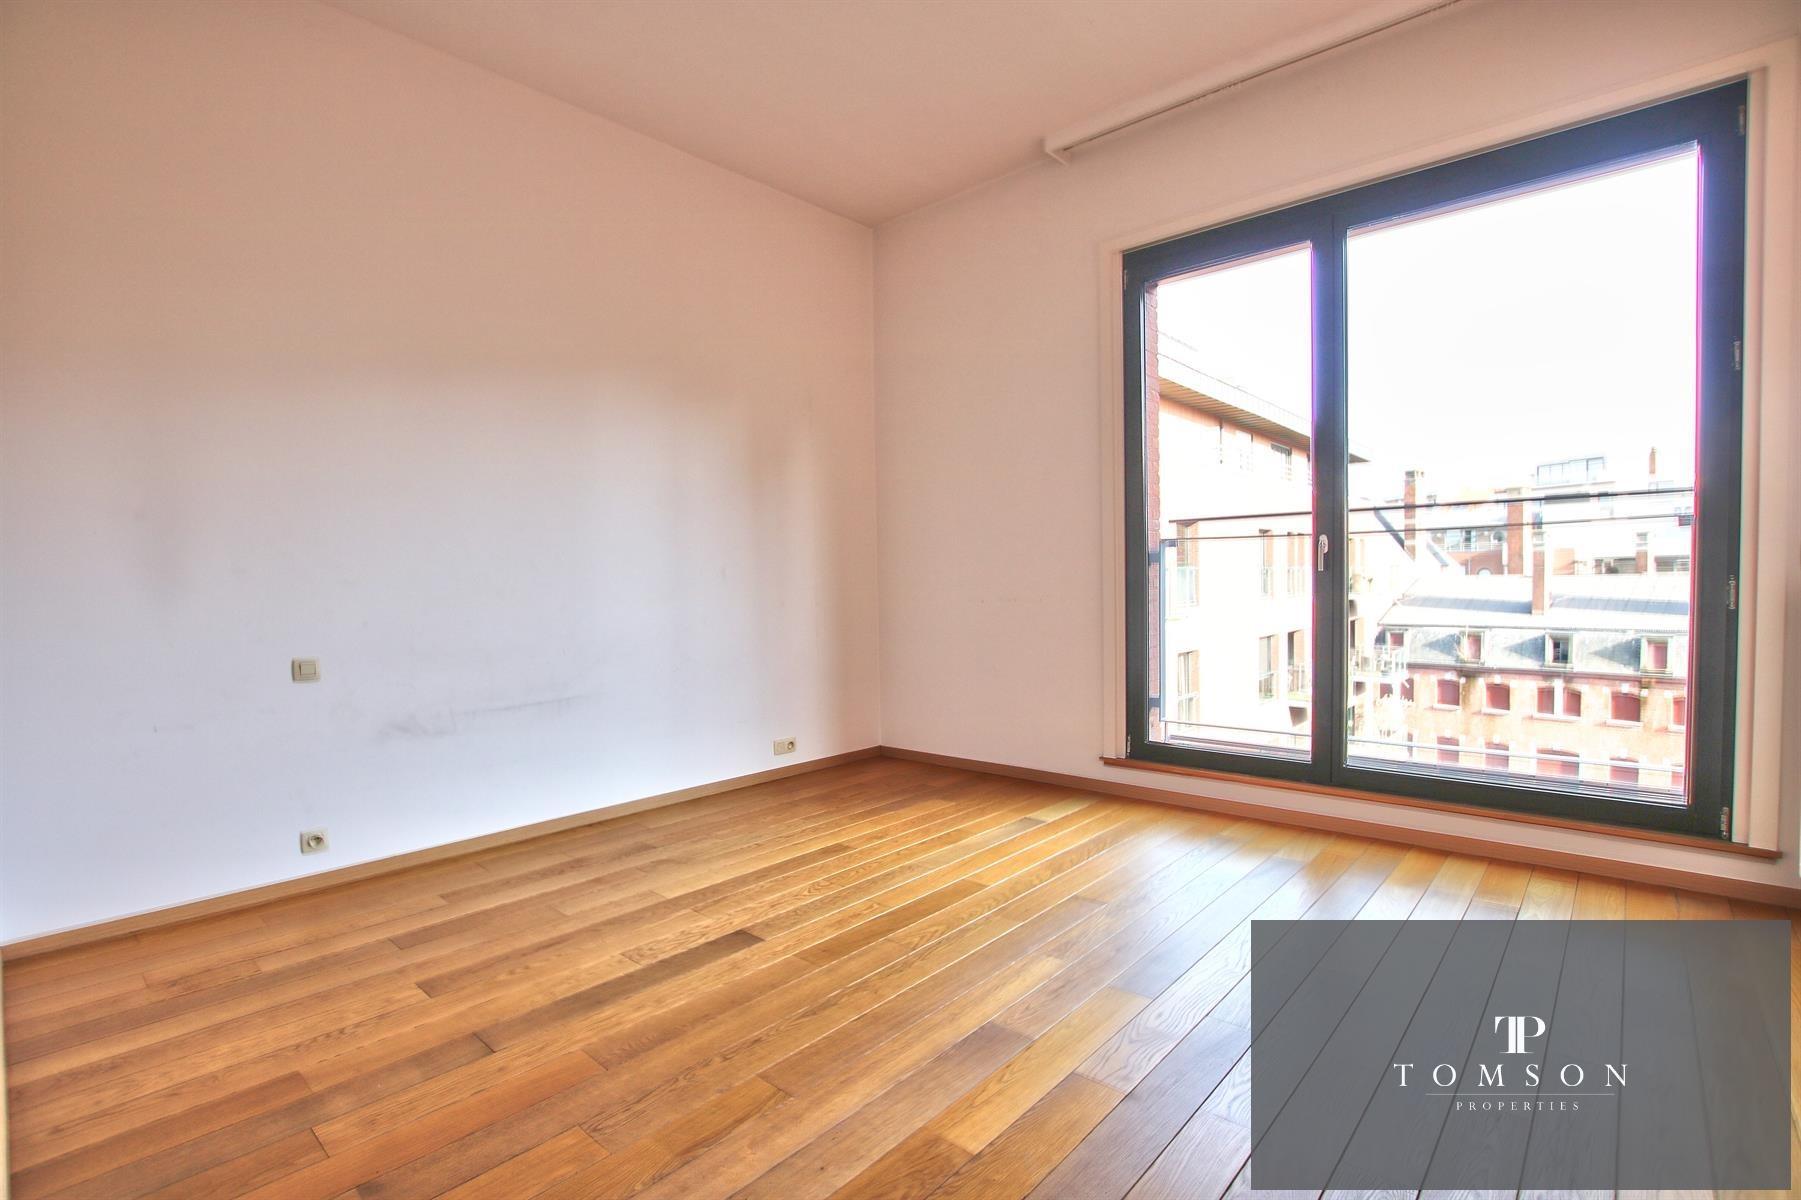 Appartement exceptionnel - Ixelles - #4533638-14